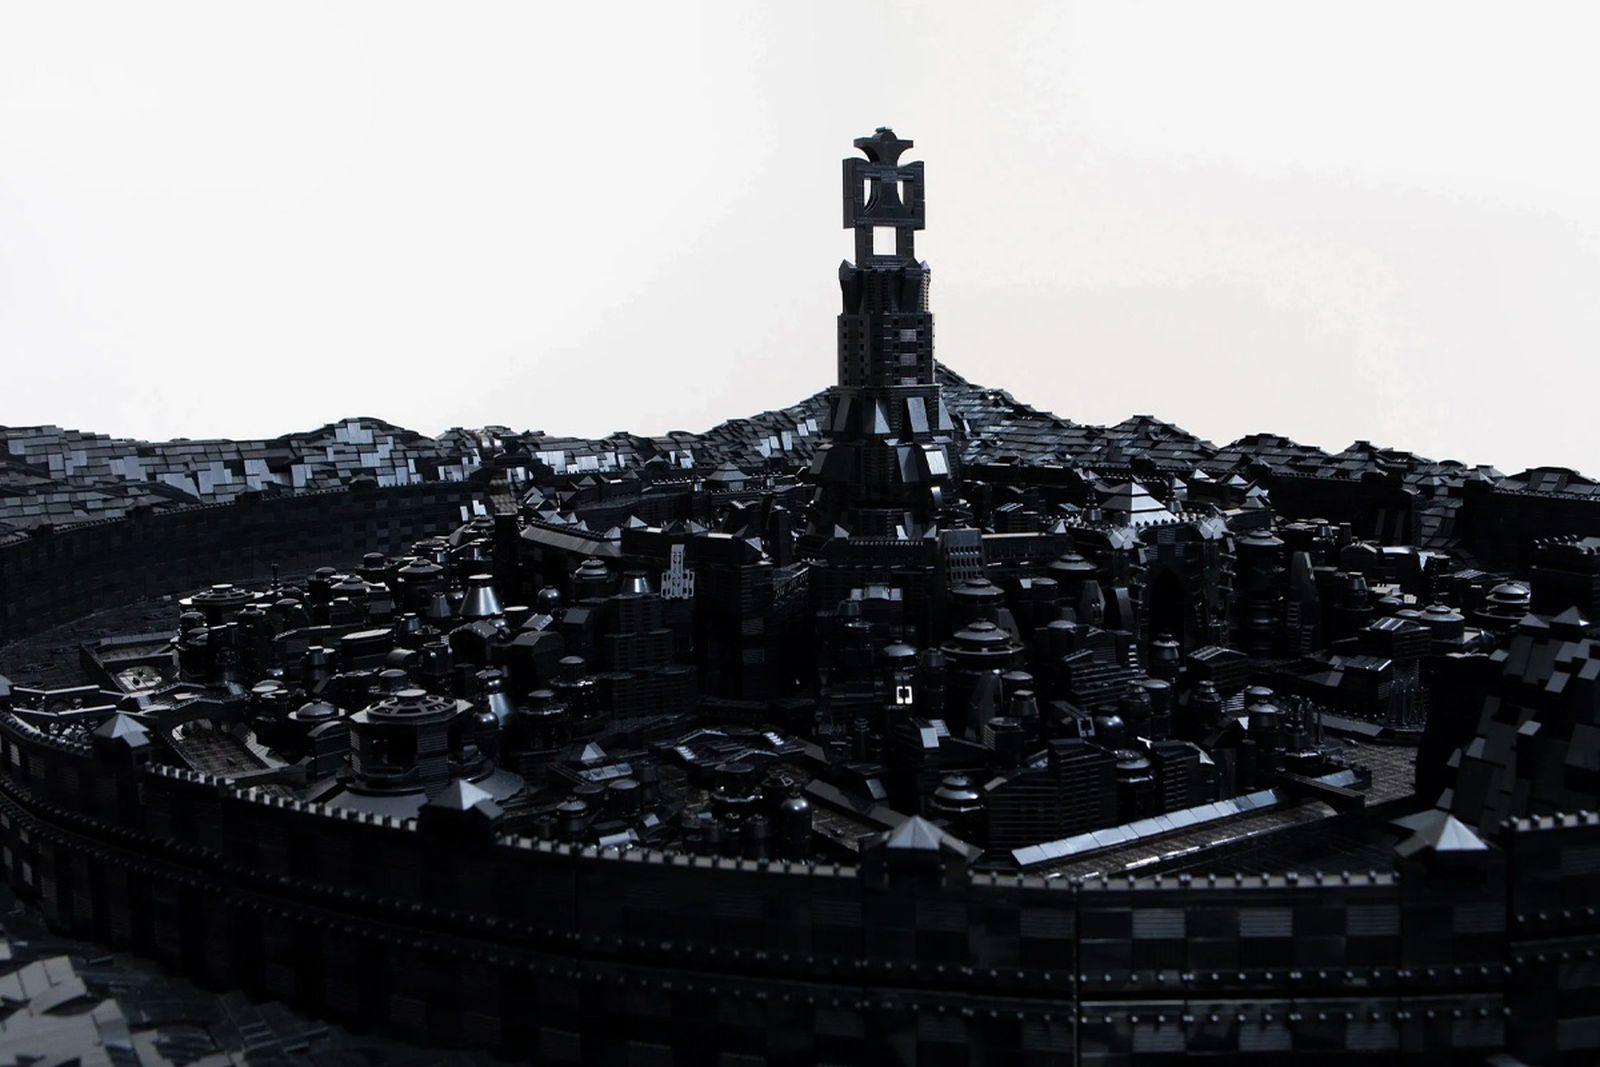 ekow-nimakos-lego-city-kumbi-saleh-3020-07